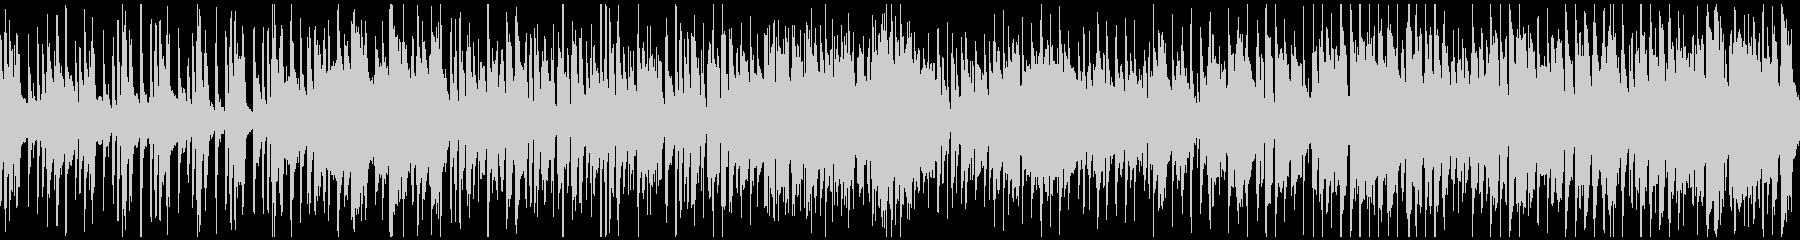 管楽器ファンク、サックス生演奏※ループ版の未再生の波形